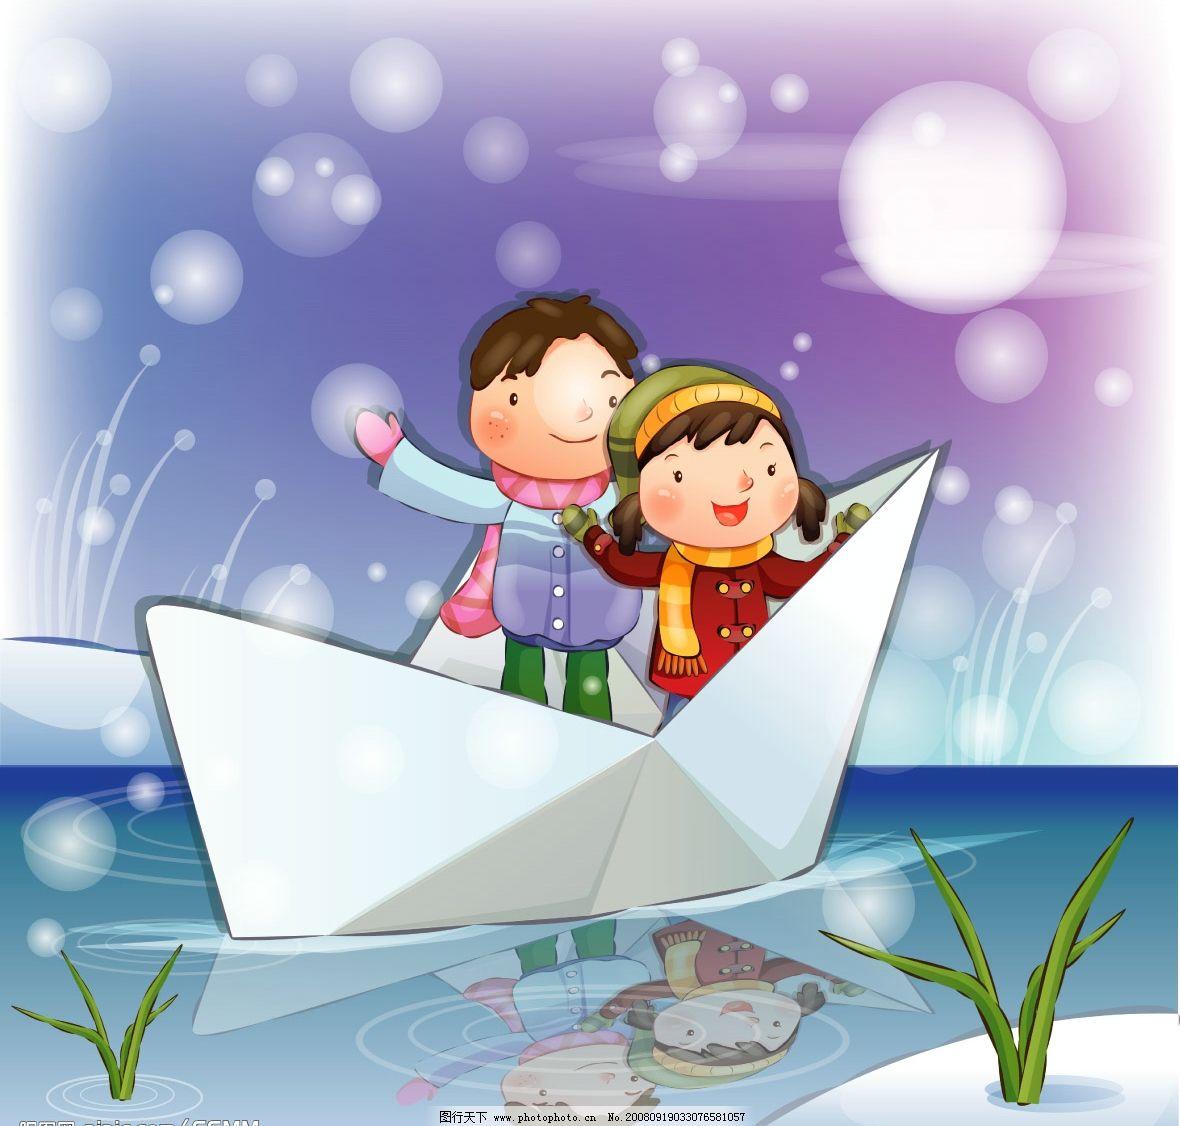 韩国卡通素材 河雪船 卡通人 源文件库